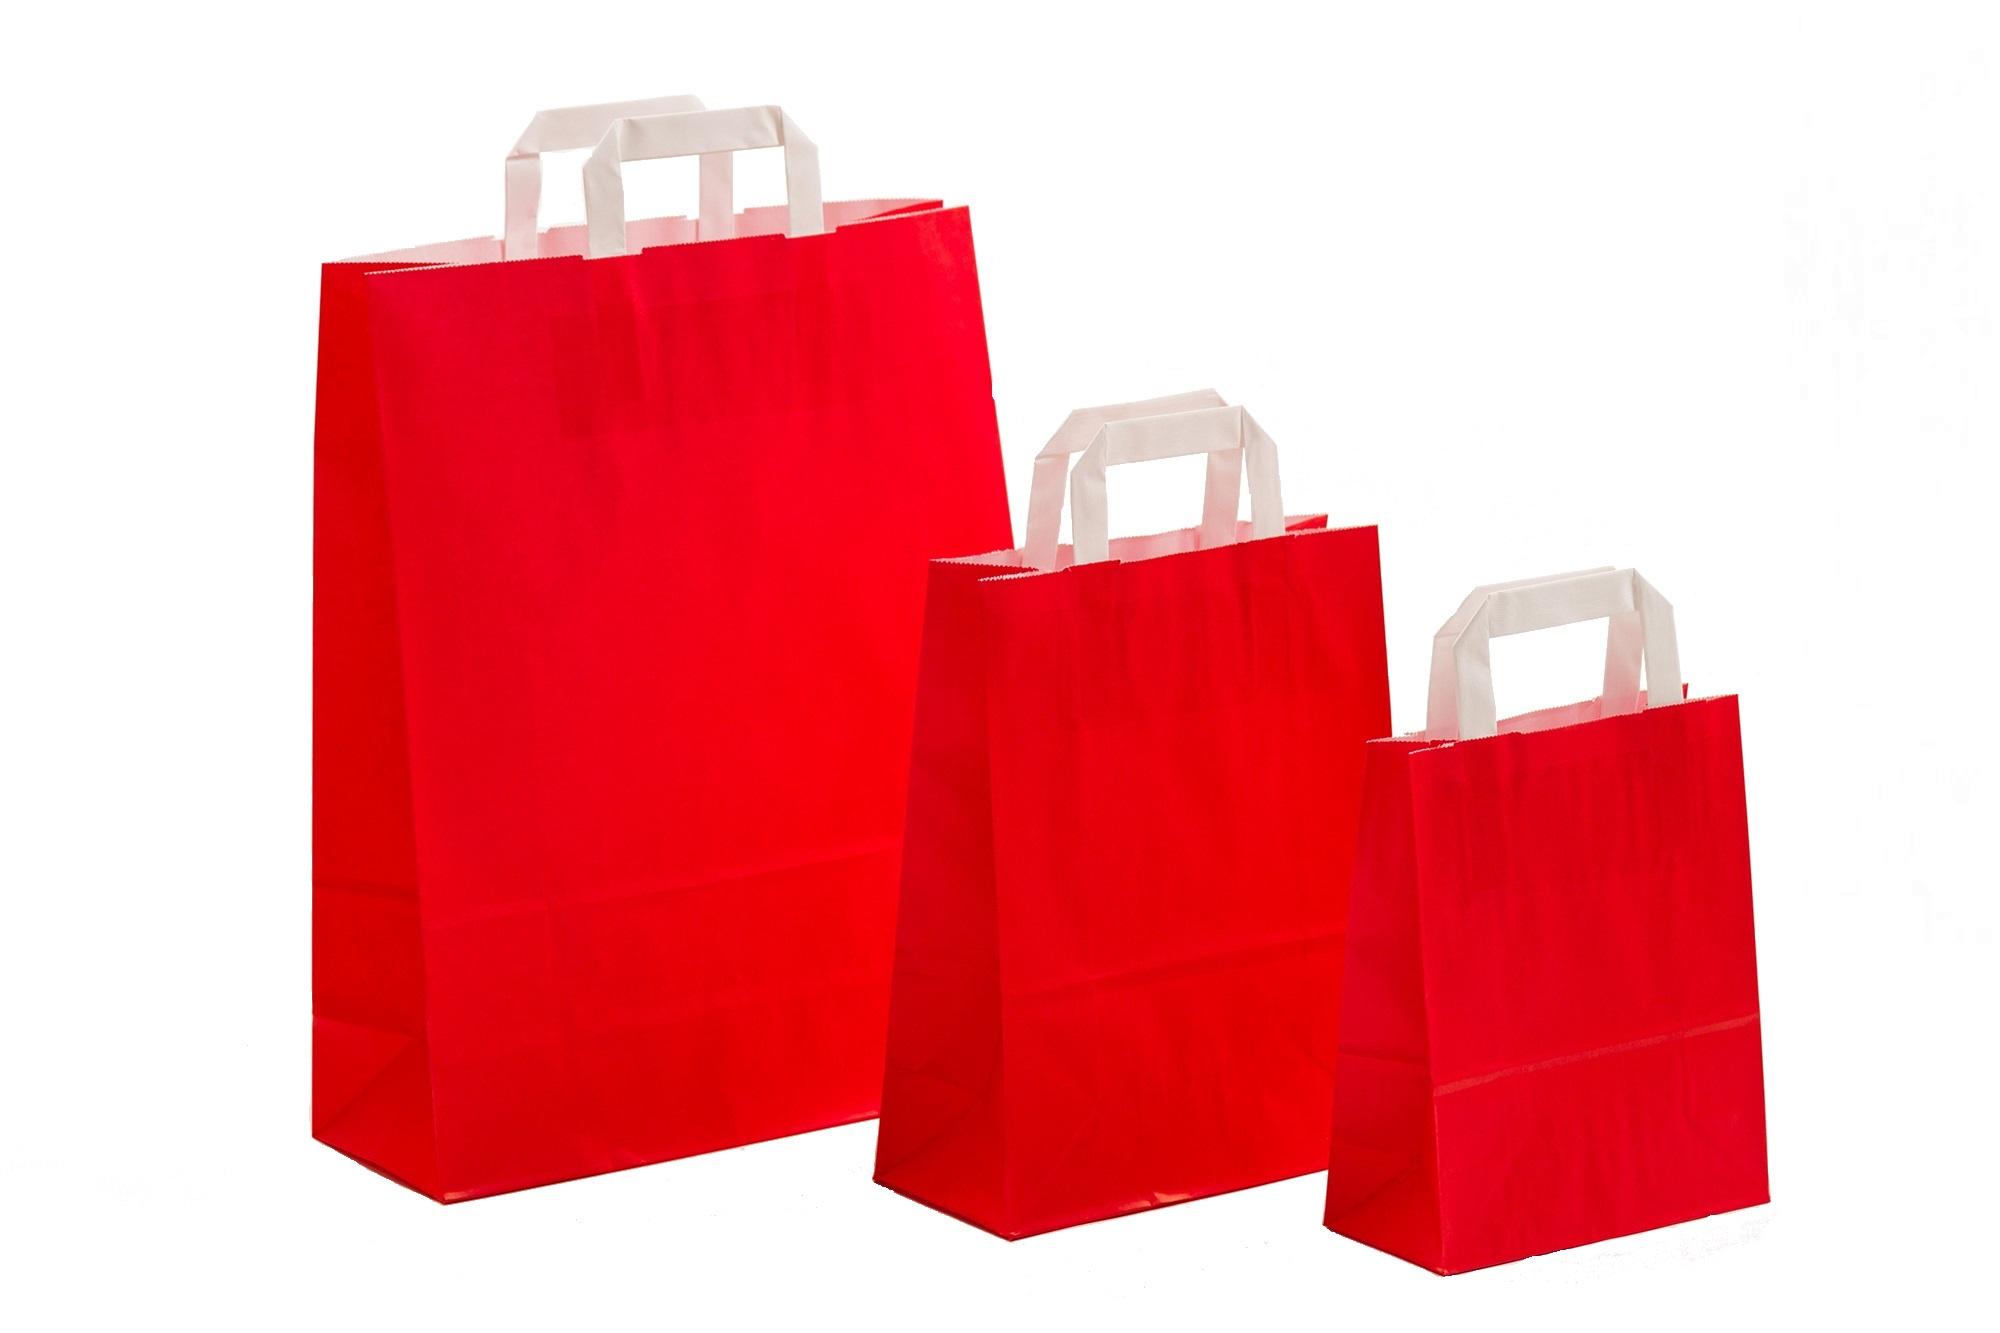 Papiertragetaschen UNI Rot mit Innenflachhenkel